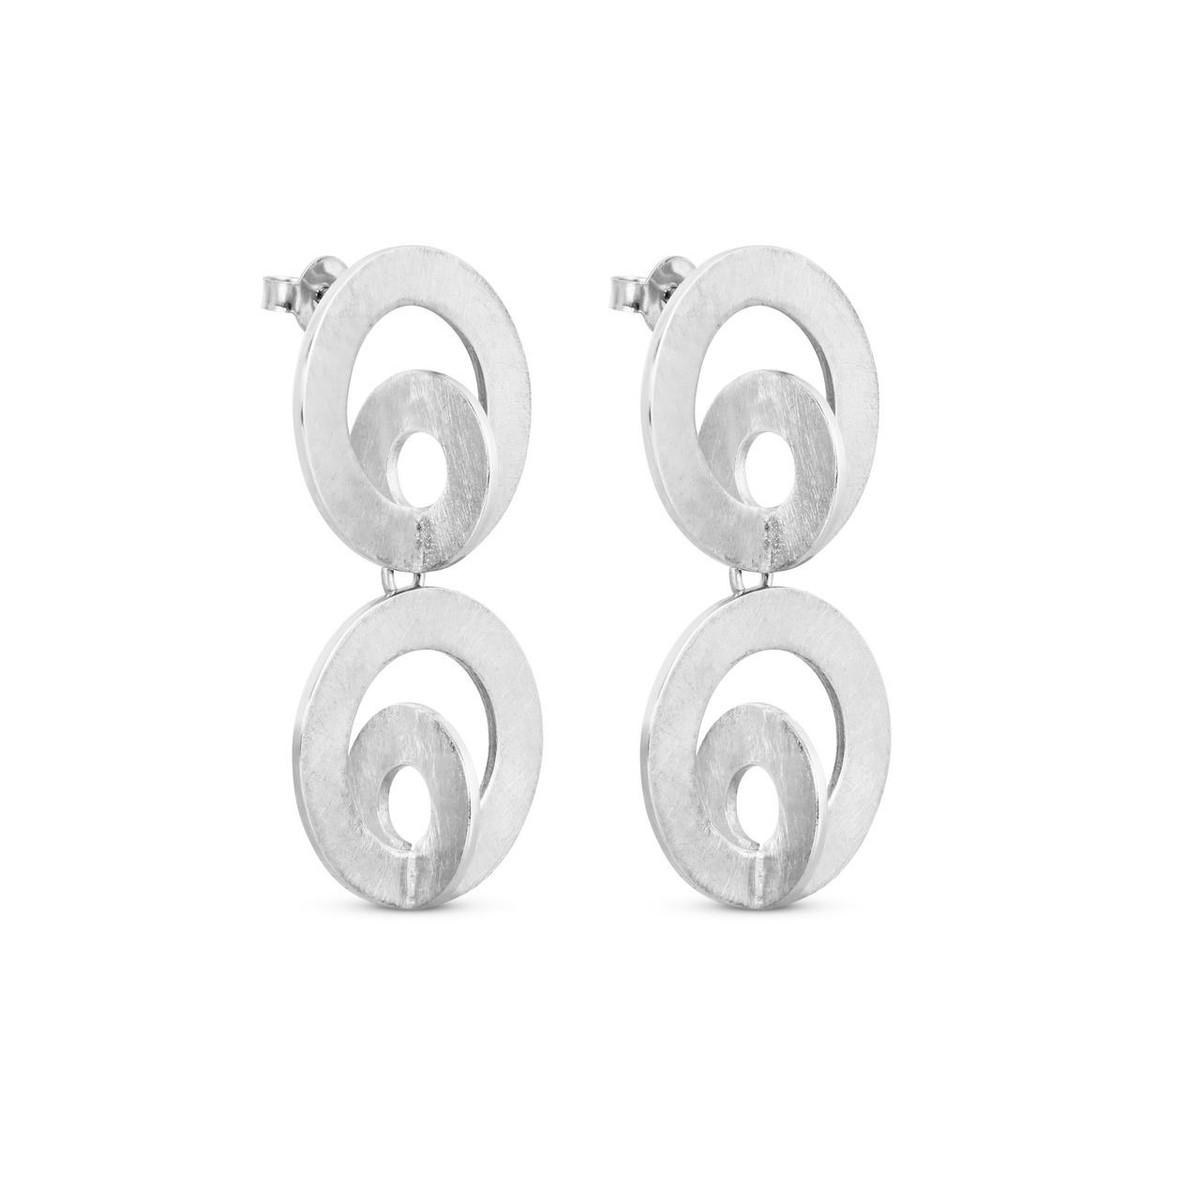 Joidart Cercles Double Silver Earrings